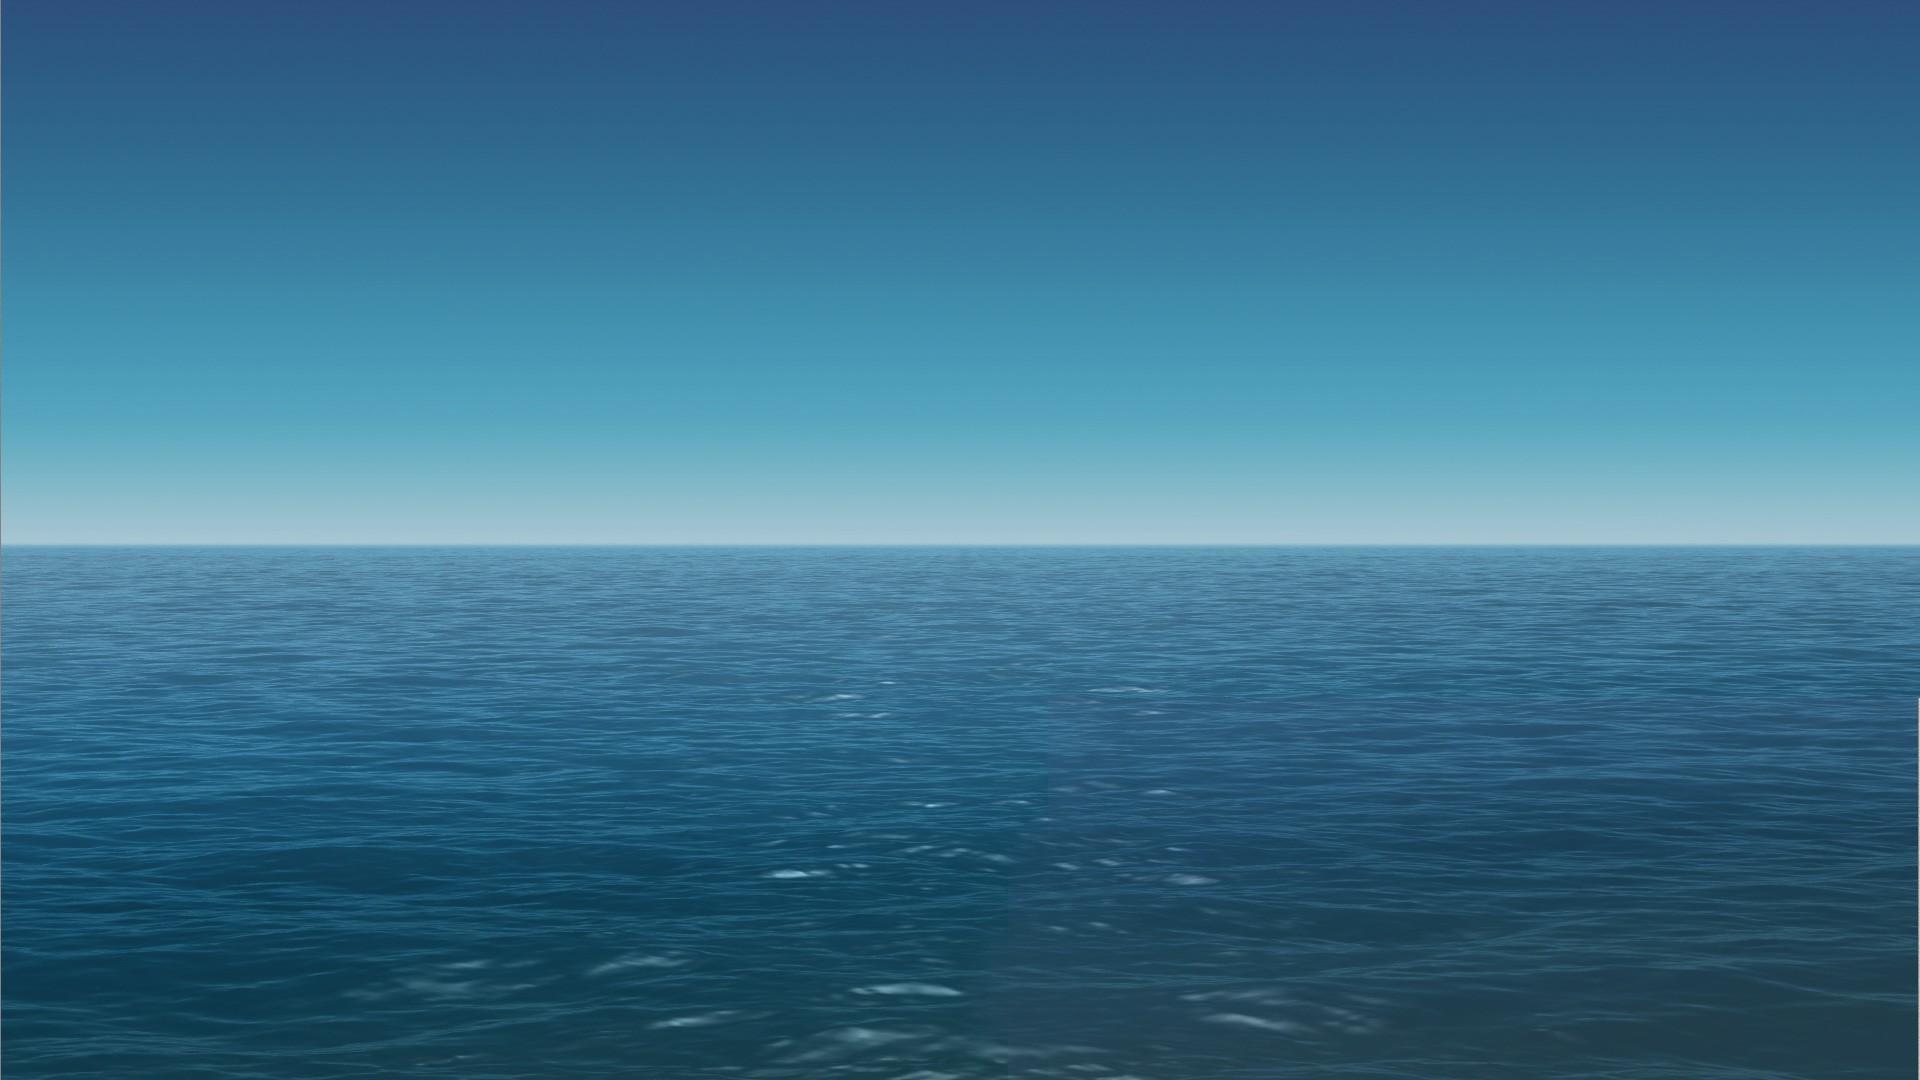 """Mistérios marcam história """"azul"""" do planeta (Foto: Reprodução)"""